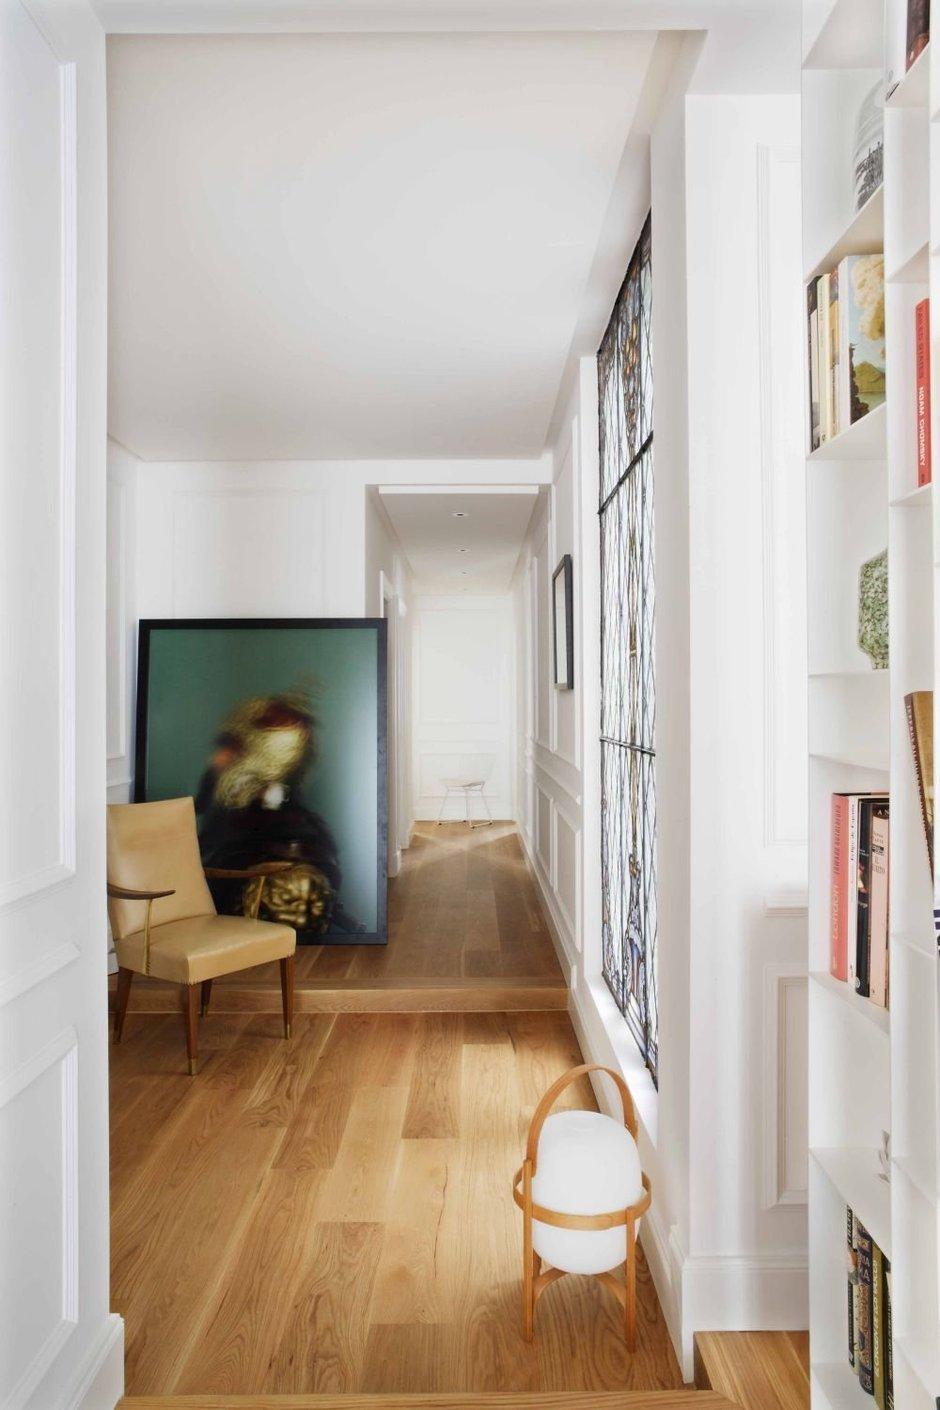 Фотография: Прихожая в стиле Современный, Классический, Эклектика, Квартира, Цвет в интерьере, Дома и квартиры, Белый, Ретро – фото на InMyRoom.ru